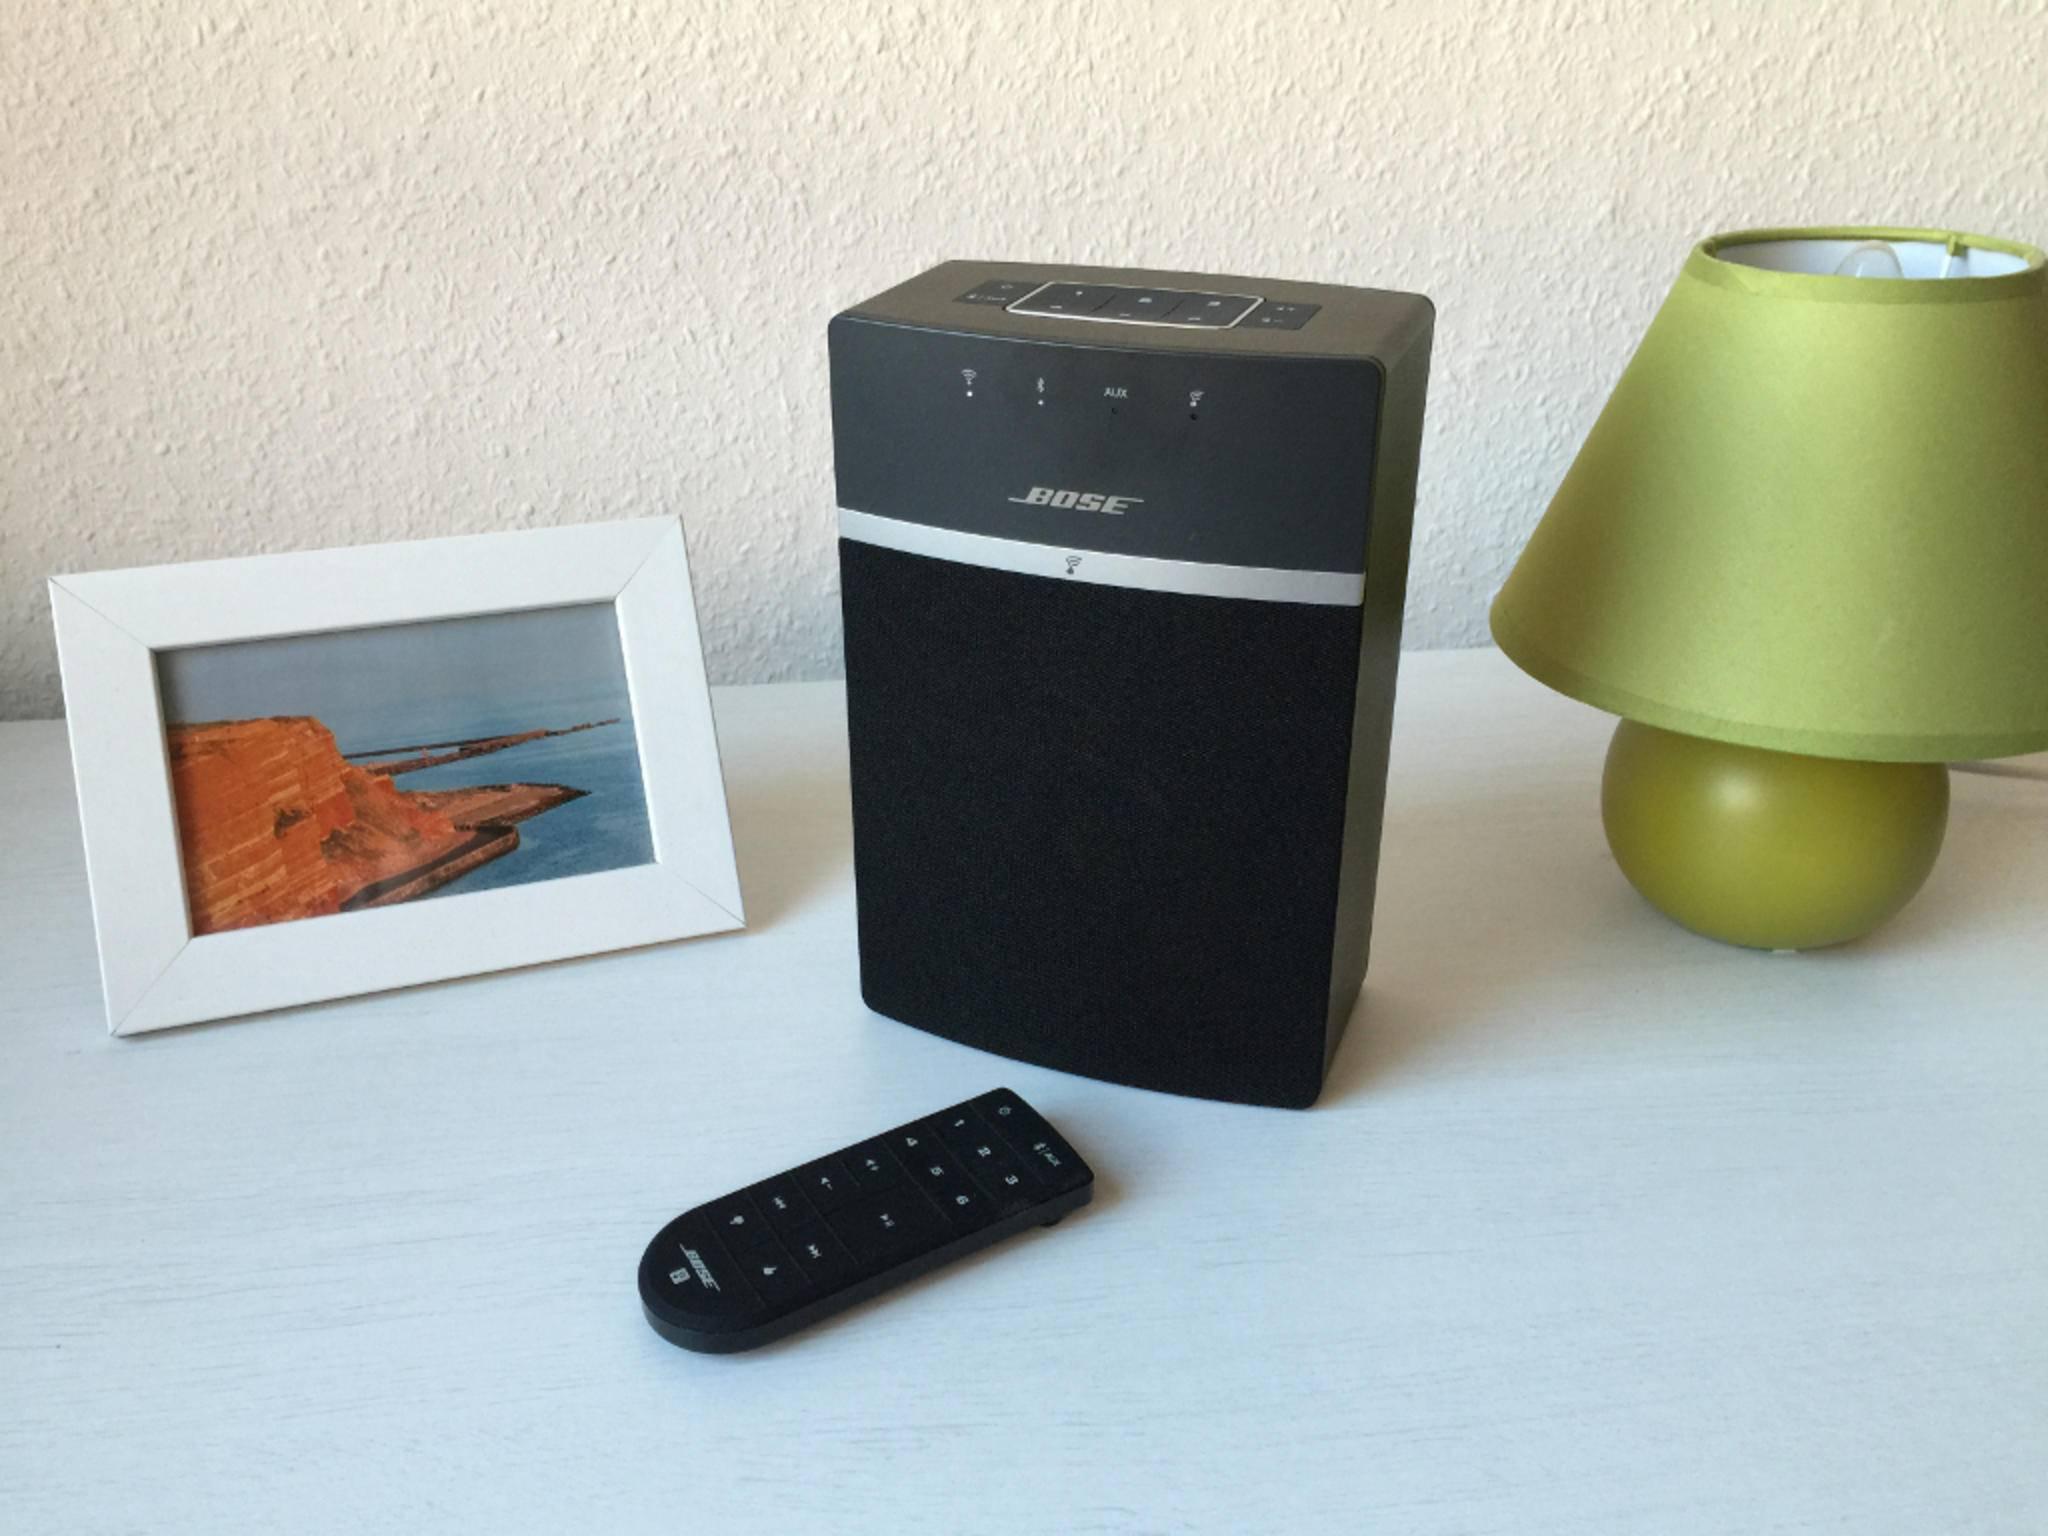 Der Bose SoundTouch 10 ist ein kompakter Funklautsprecher.